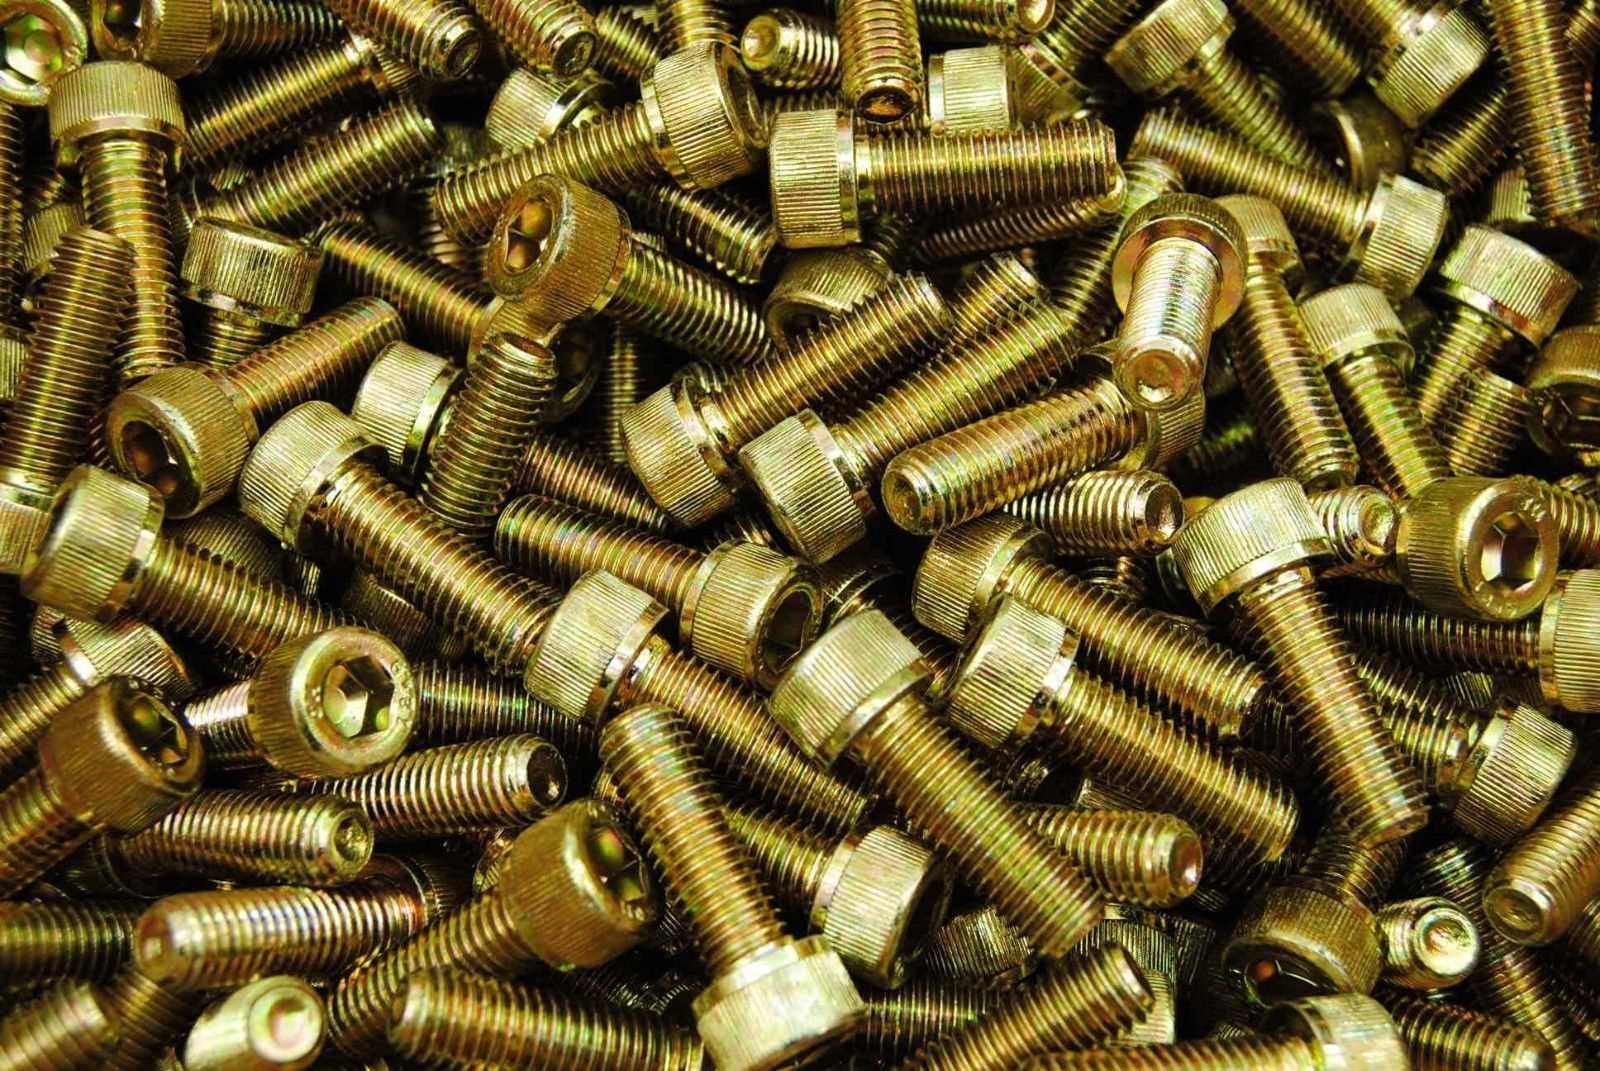 DIN 912 Zylinderschrauben mit Iinnensechskant gelb verzinkt 8.8 ( A3C ) Foto/Skizze: Schraube & Mutter 49429 Visbek